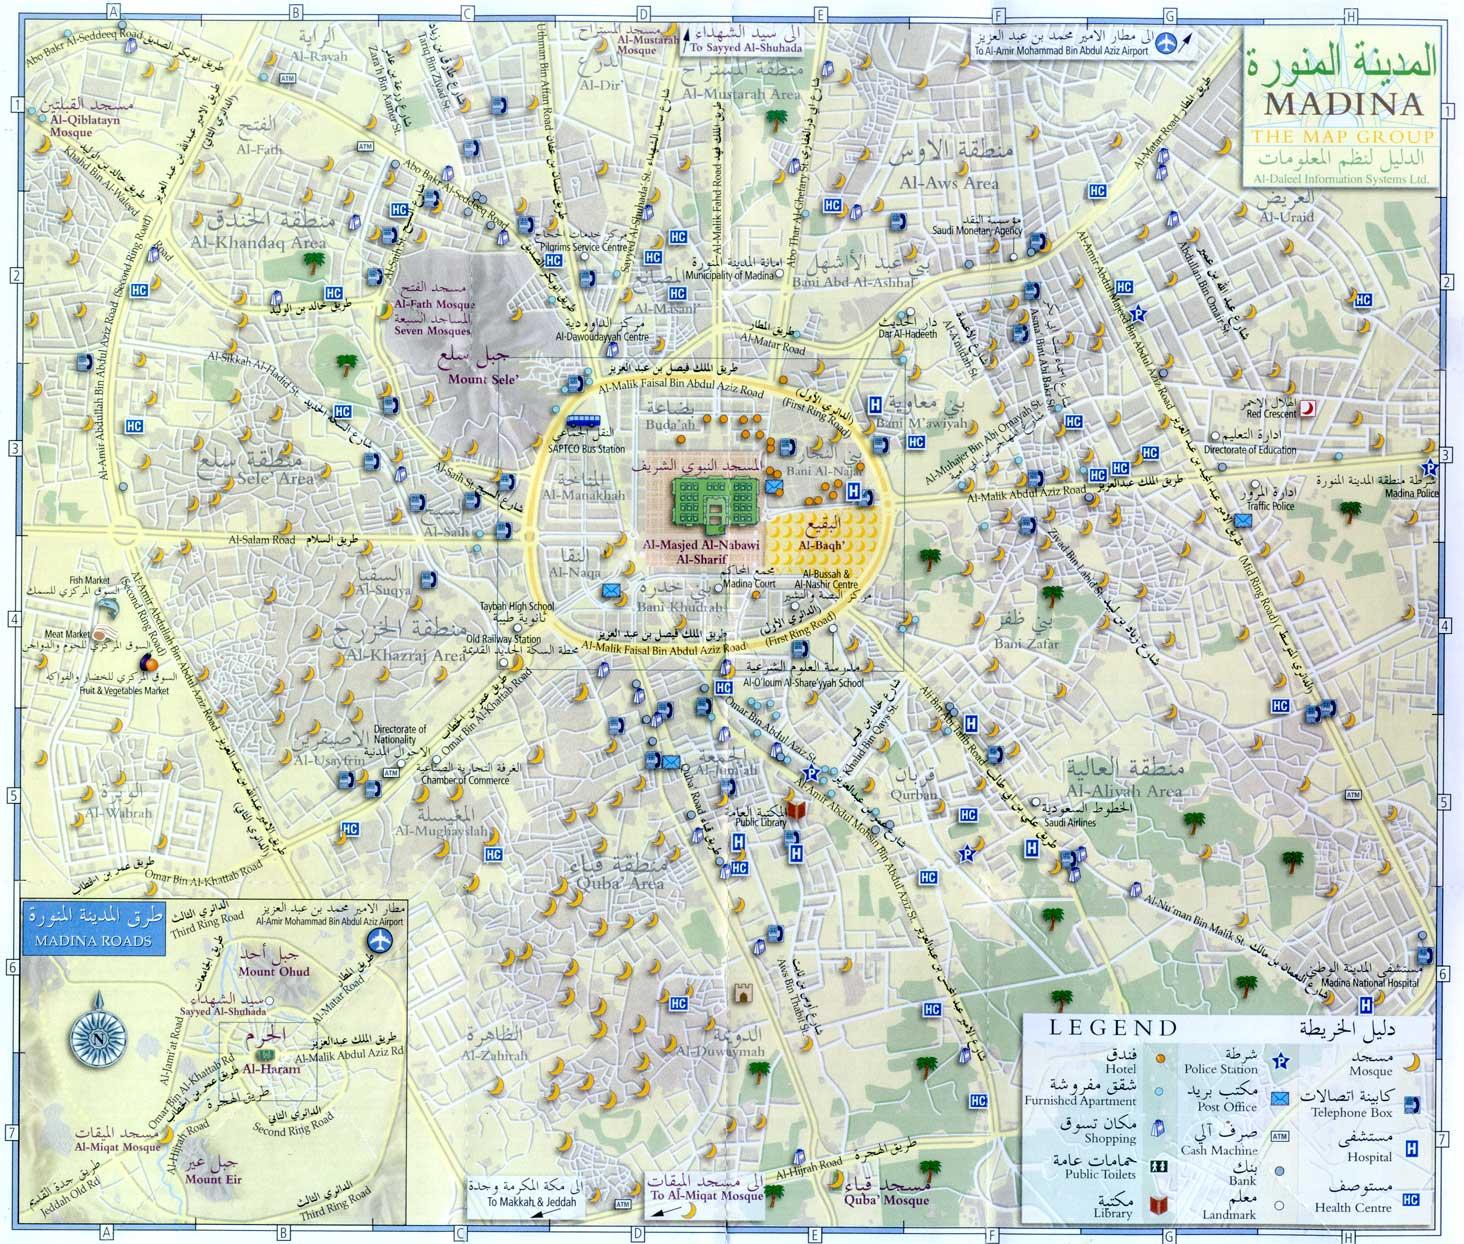 Makkah & Madina: Madina al-Munawwarah Street Map